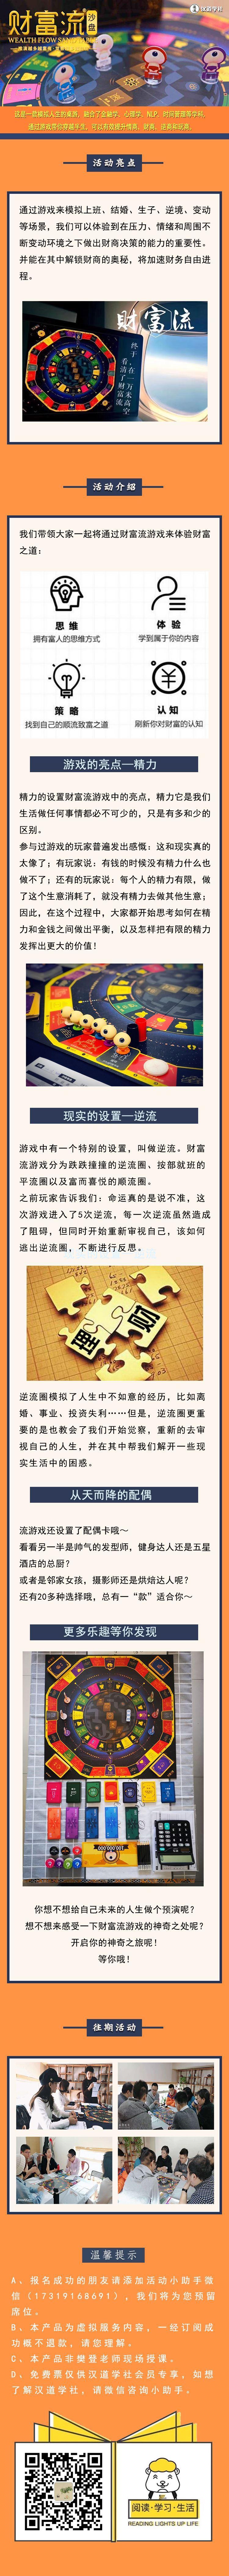 财富流长图2【汉道X】.jpg